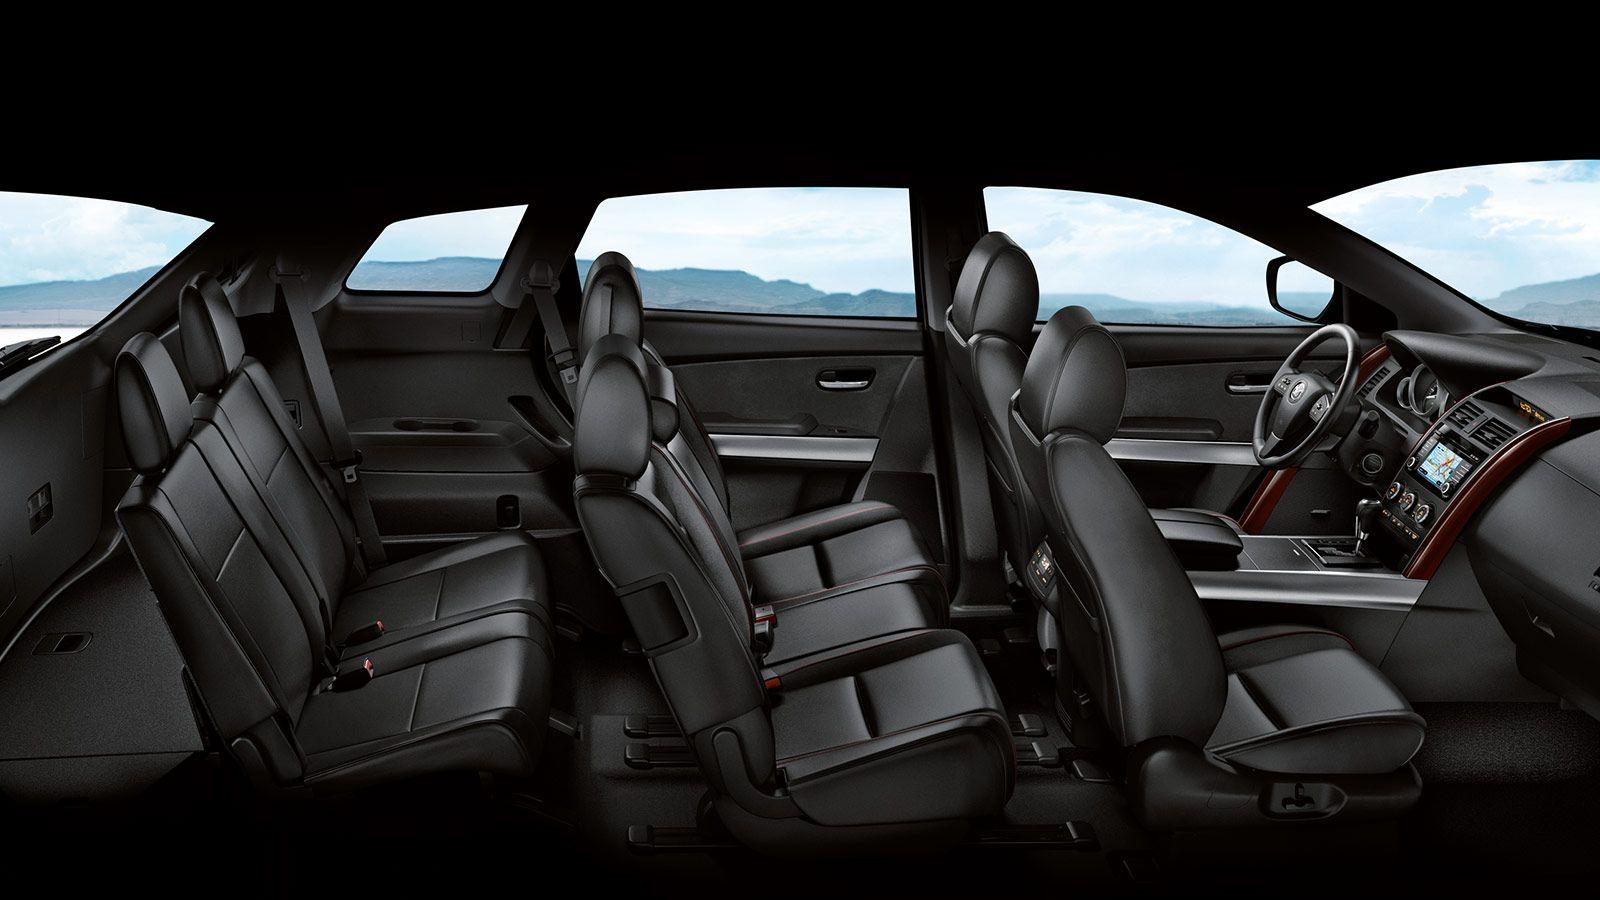 9 Passenger Suv >> Pin By Flanagan Motors Mazda And Used Cars On Mazda Cx 9